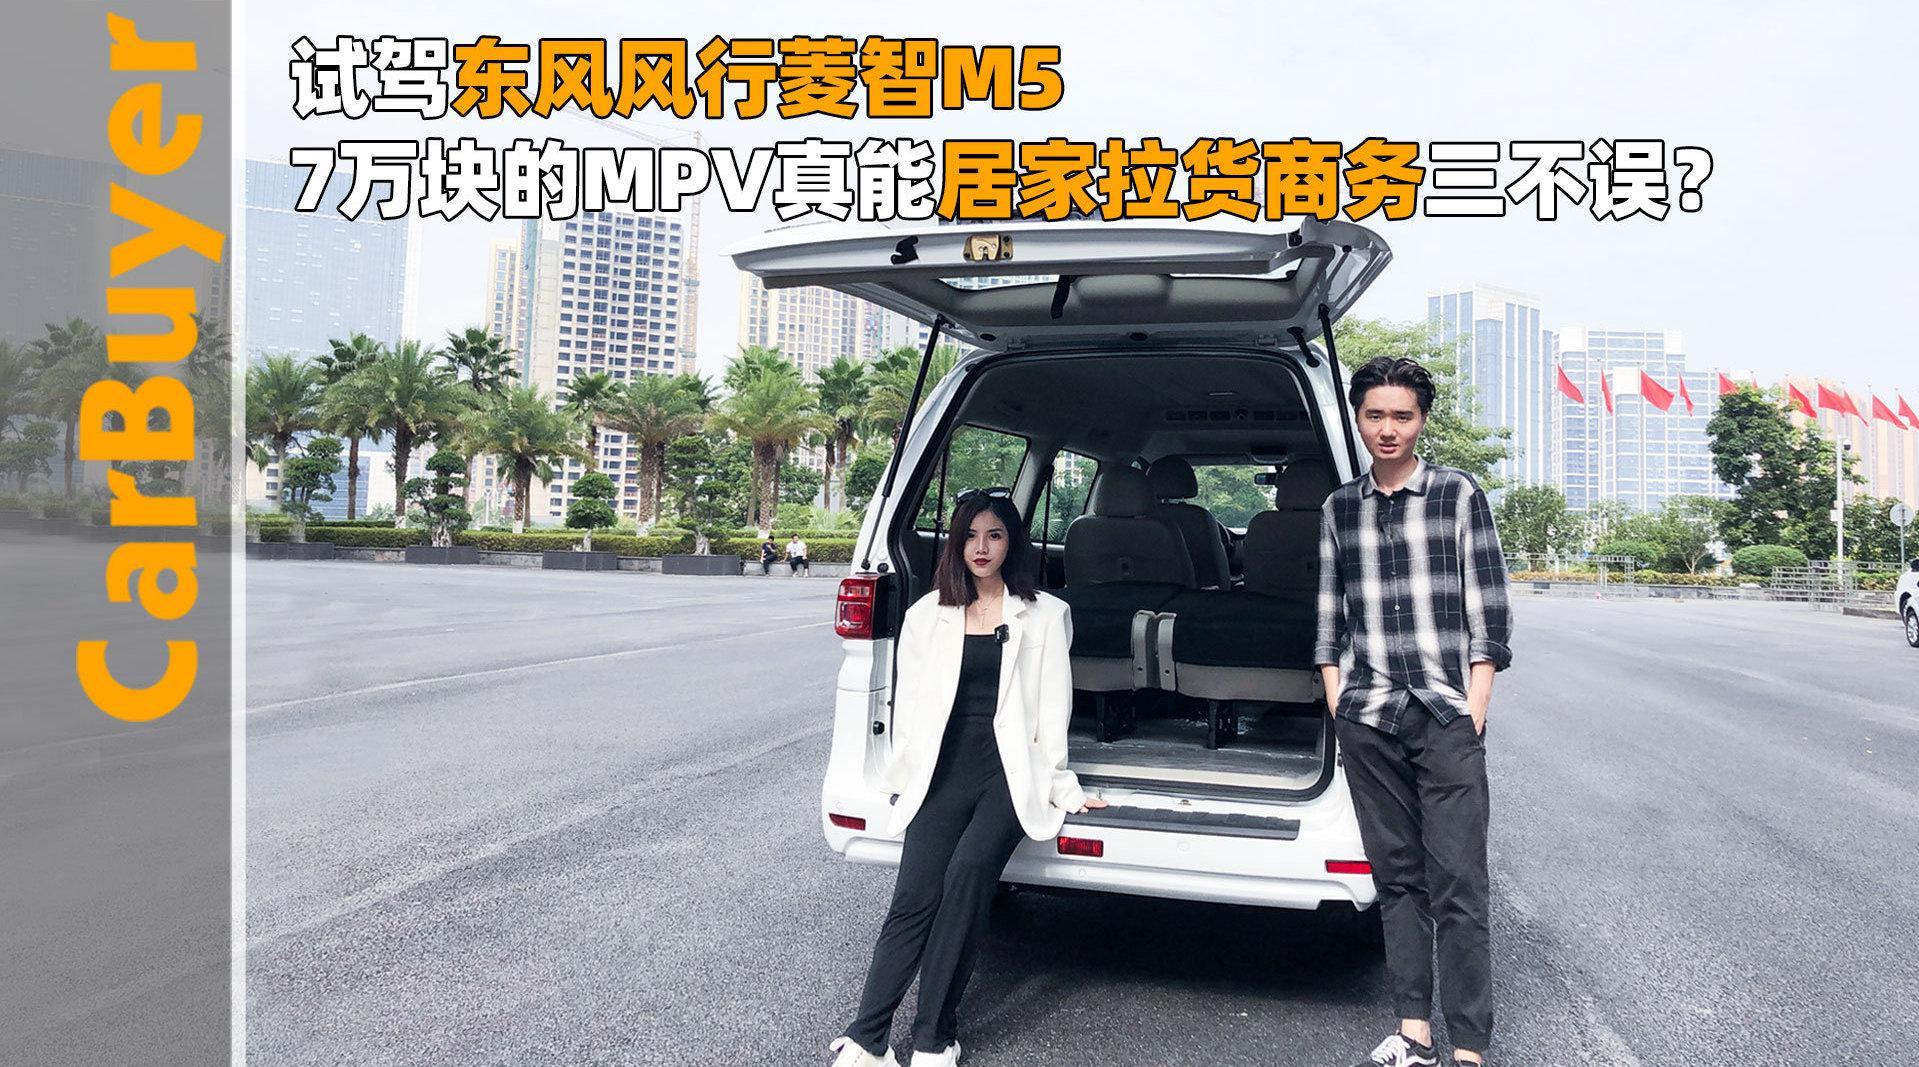 视频:试驾东风风行菱智M5,7万块的MPV真能居家拉货商务三不误?